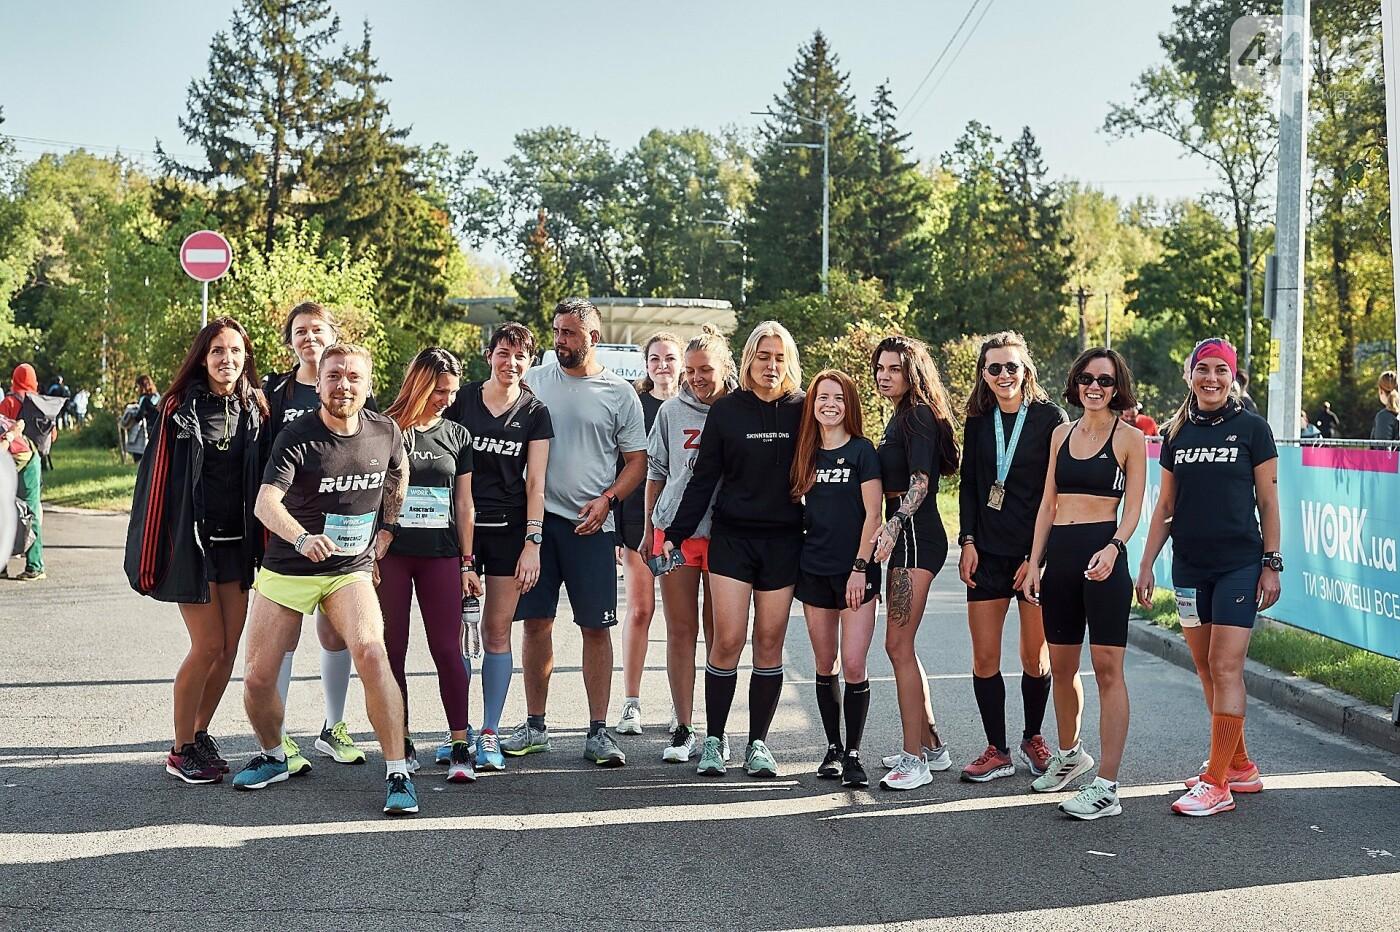 6000 бегунов из 38 стран: на выходных состоялся самый большой онлайн-забег Украины, фото-5